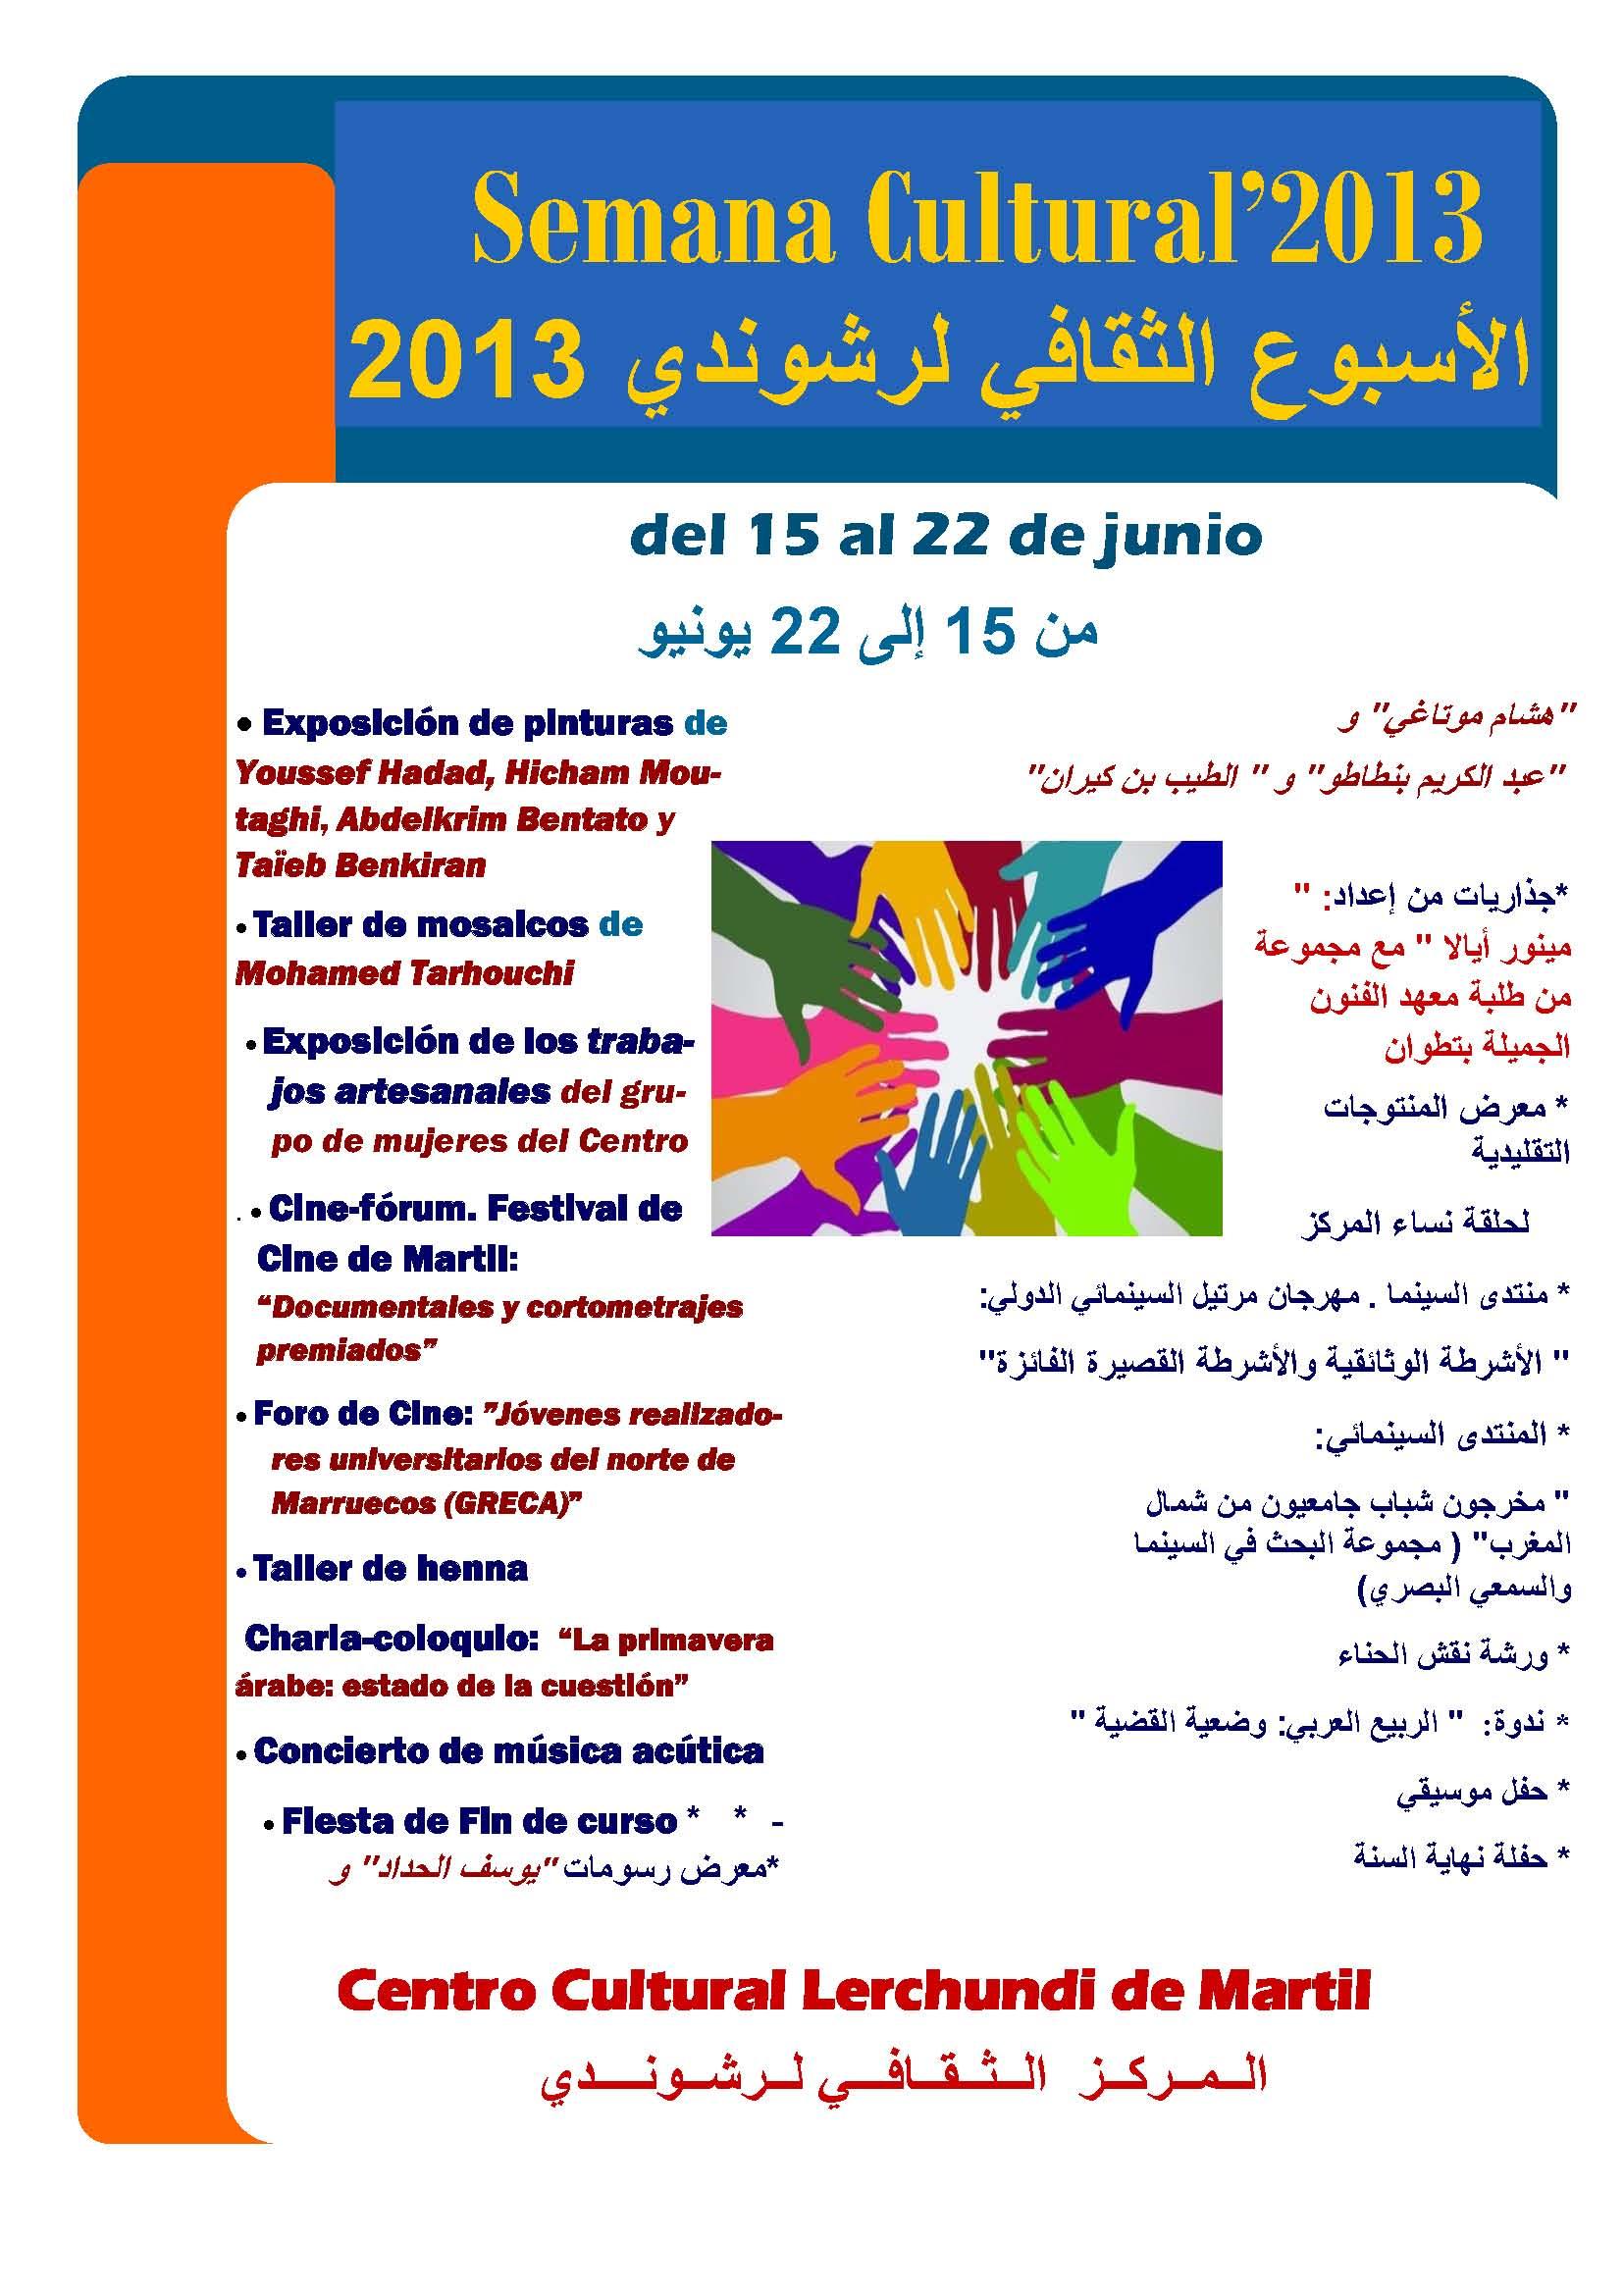 SEMANA CULTURAL'2013  (cartel)_Página_1